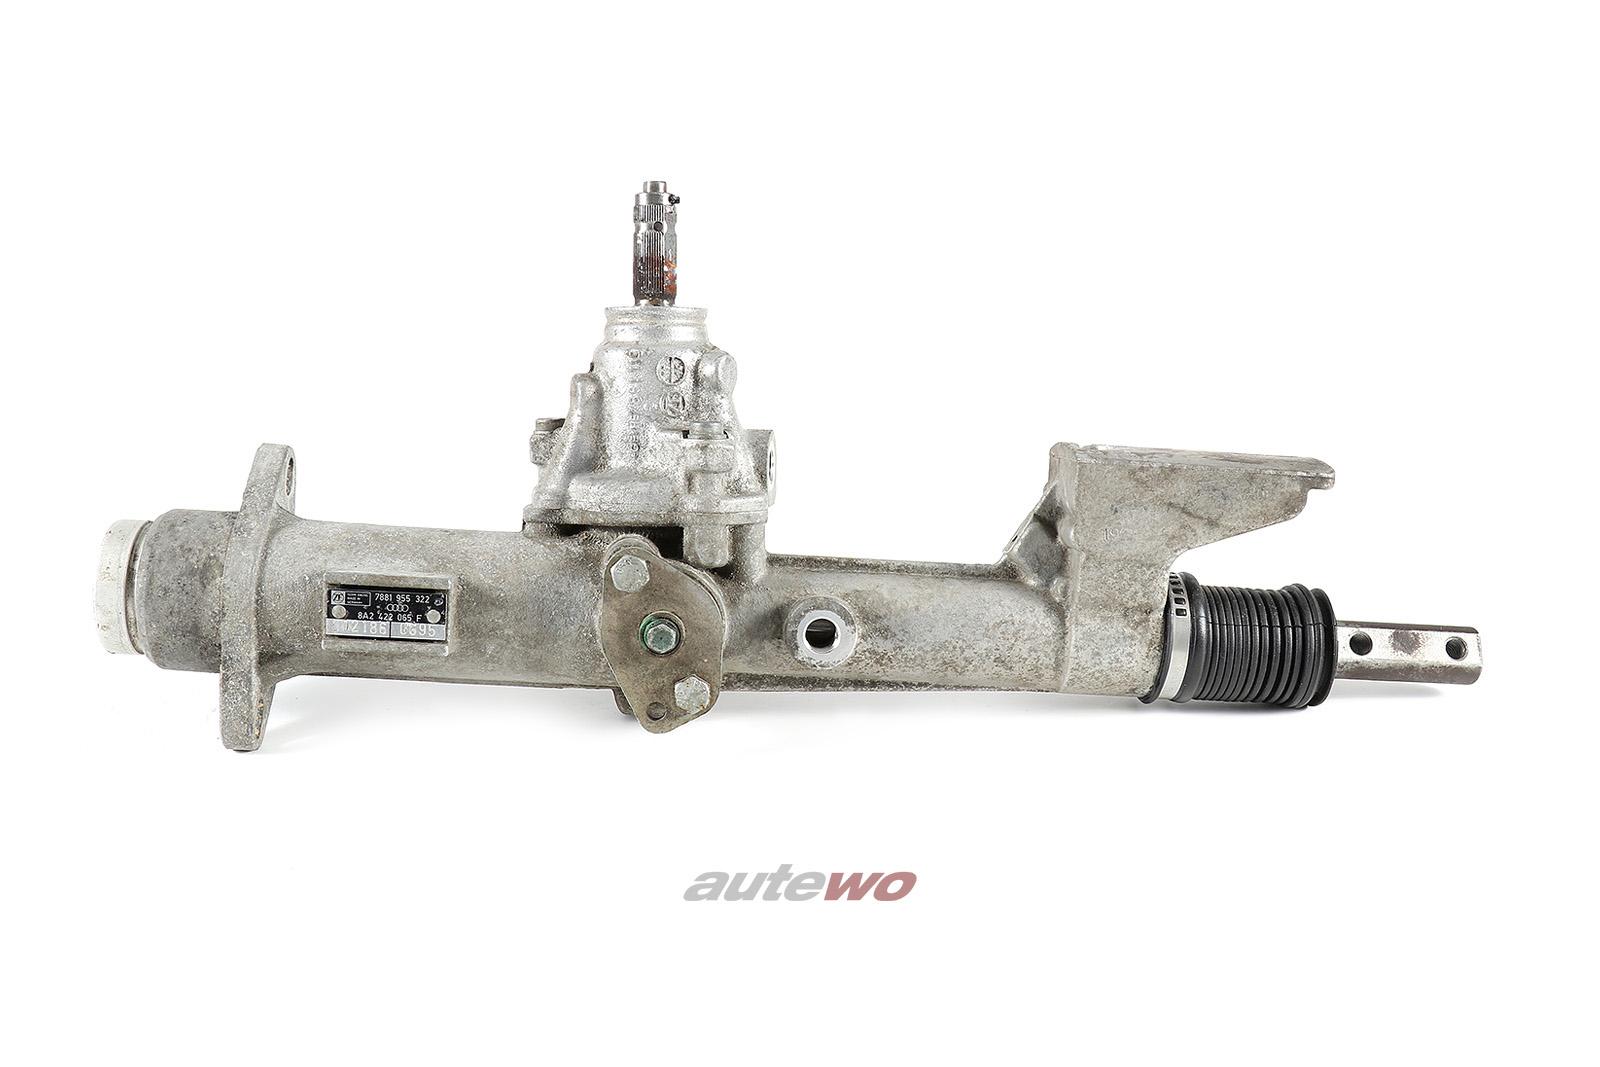 8A2422065F Audi 80 B4/Coupe/Cabrio 89/S2/RS2 Lenkgetriebe Rechtslenker/RHD